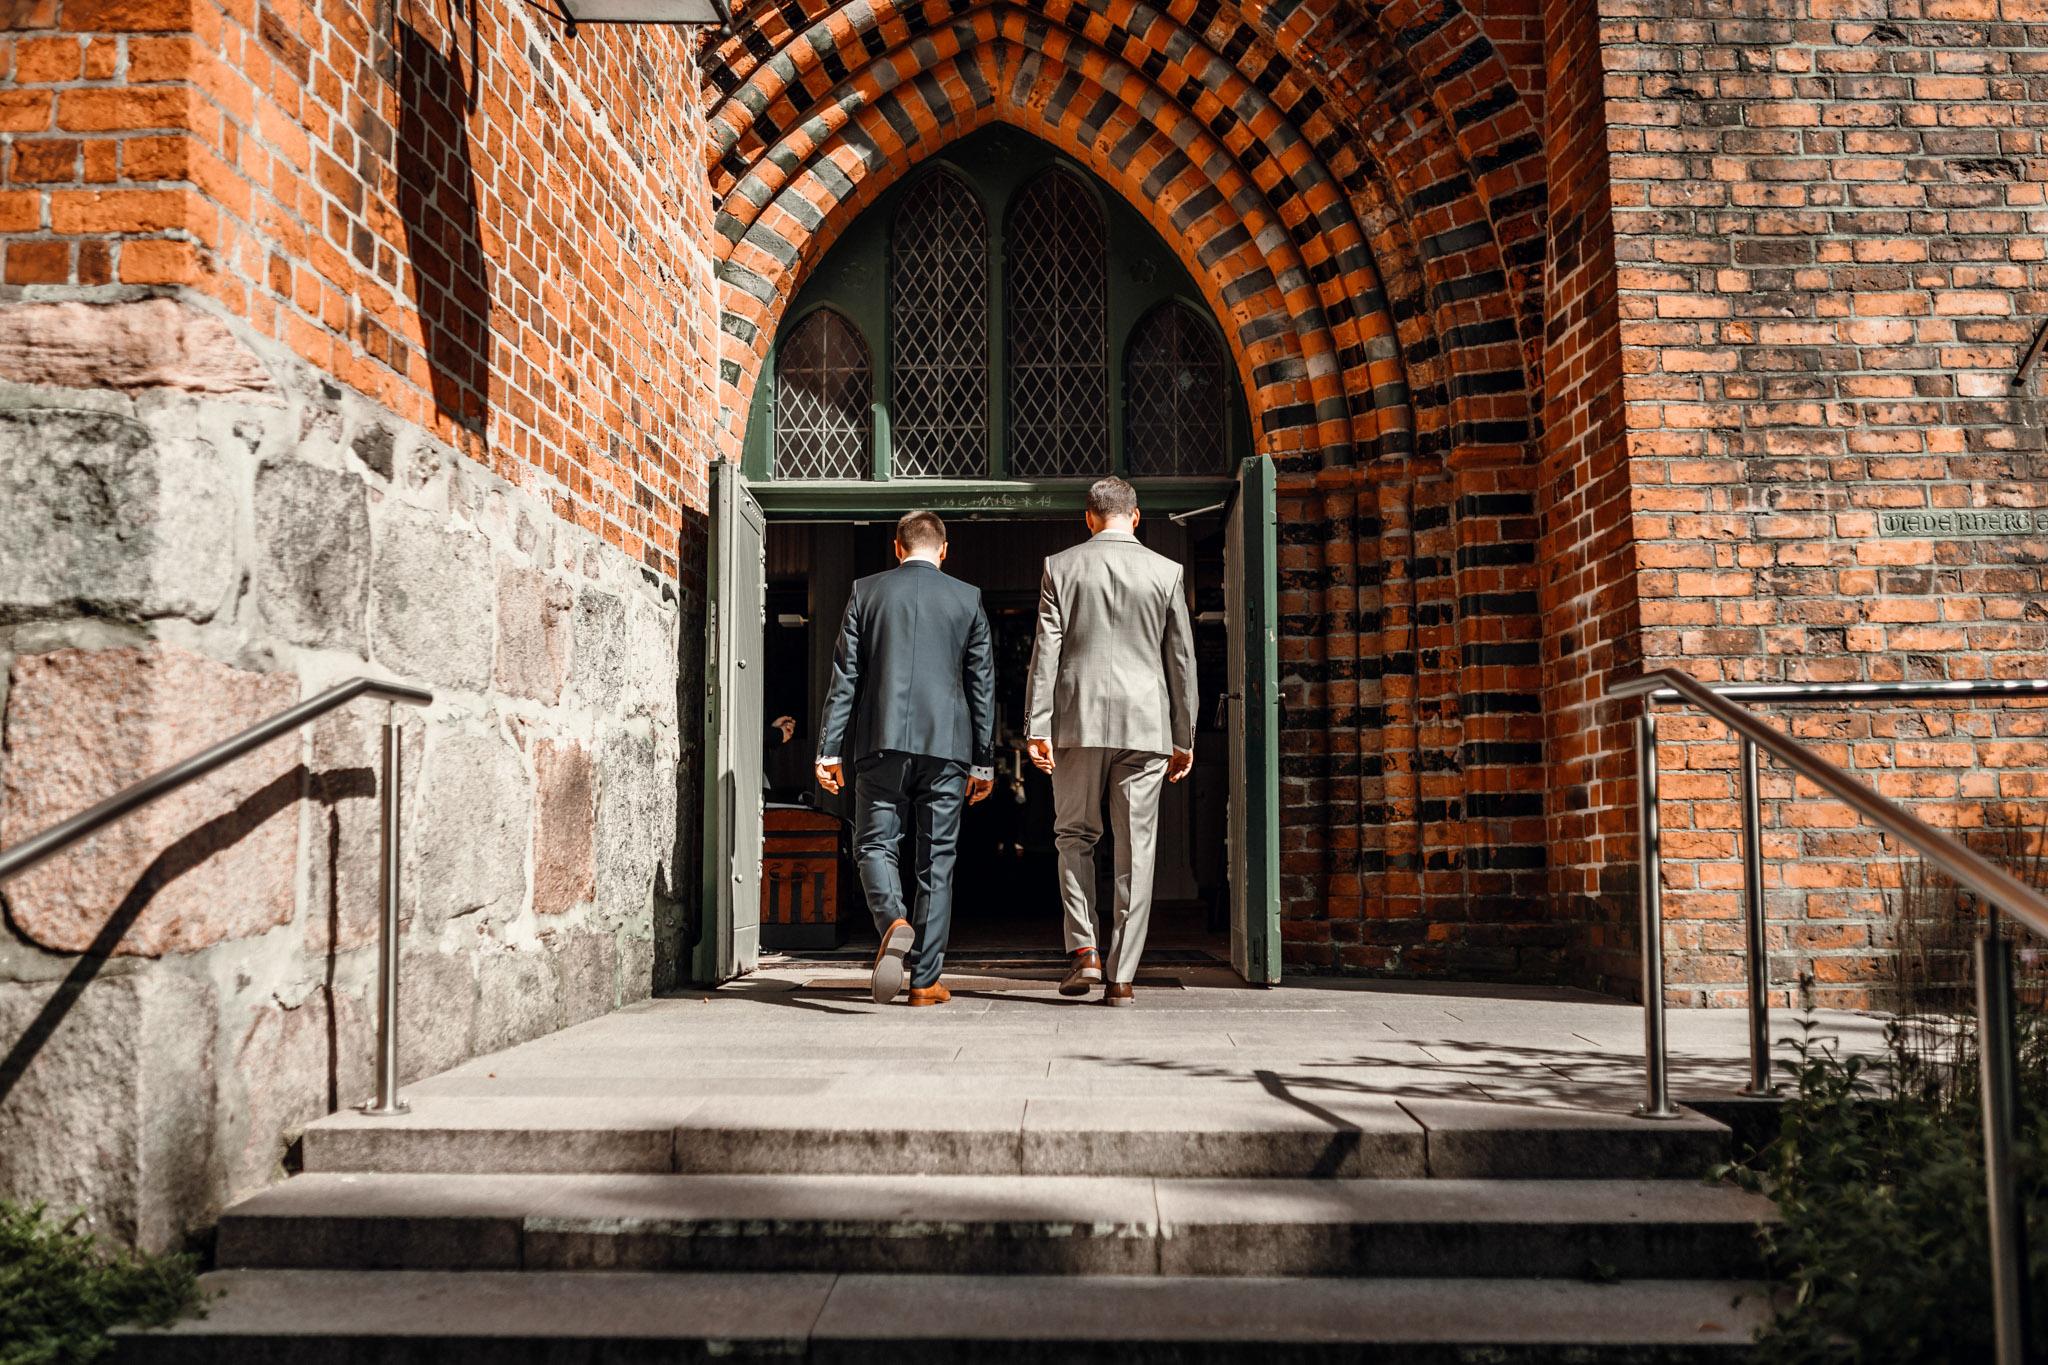 Sven Schomburg Hochzeitsfotografie, Hamburg, Mölln, Hochzeitsfieber by Photo-Schomburg, Hochzeitsreportage, Forsthaus Waldhusen, Braut, Bräutigam-22